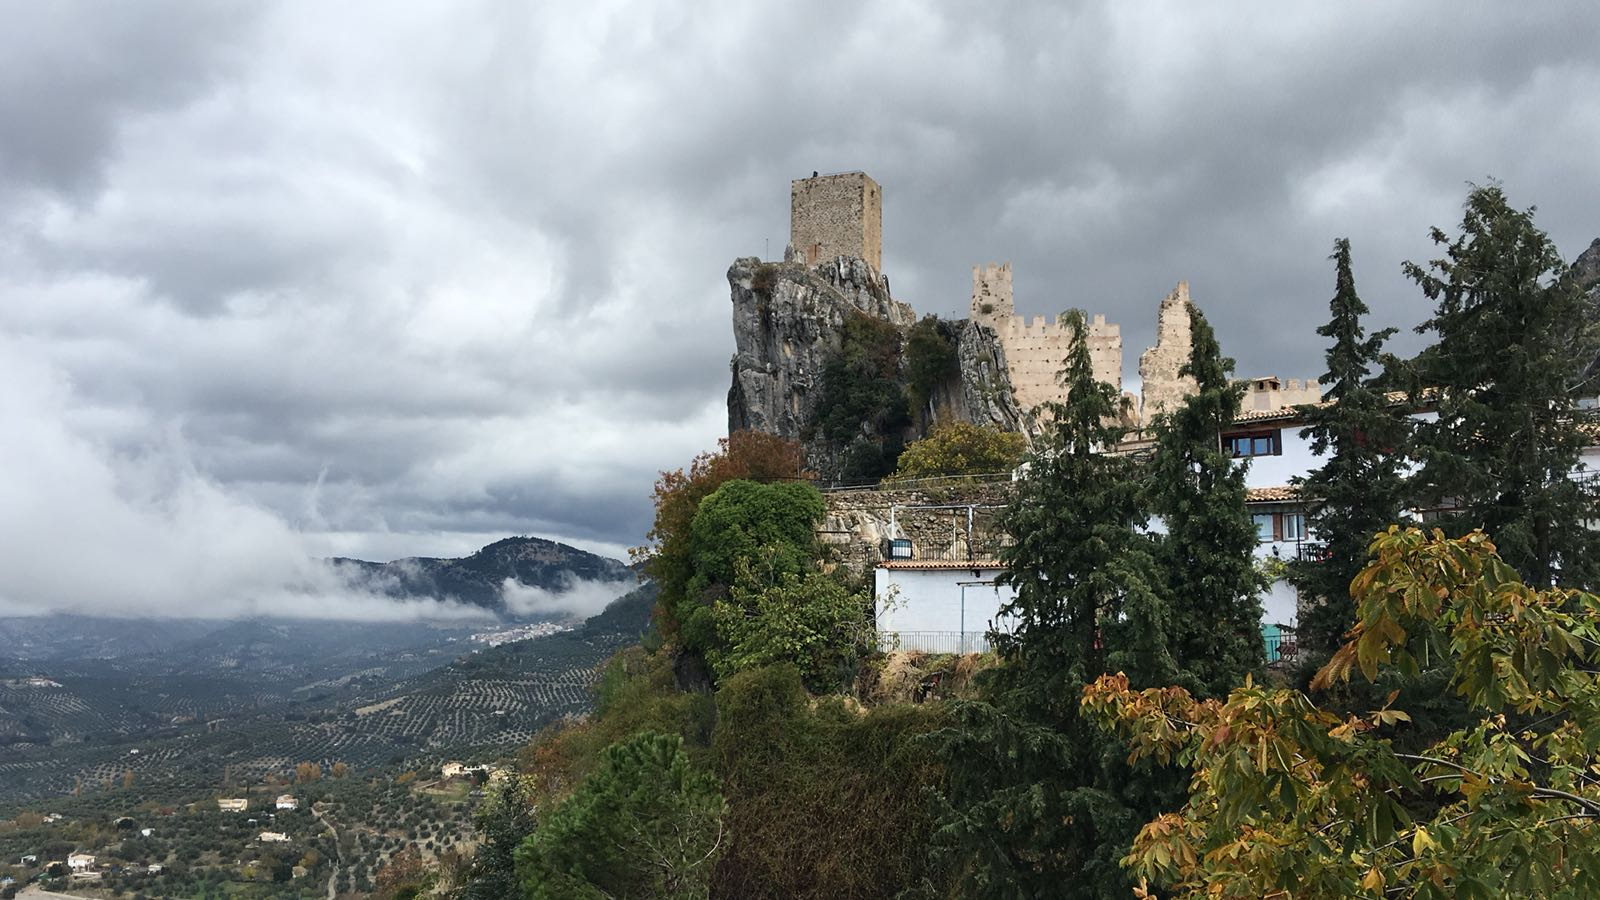 El Castillo de La Iruela, de origen musulmán, cuenta con tres recintos amurallados de distintas épocas dispuestos a modo de terrazas